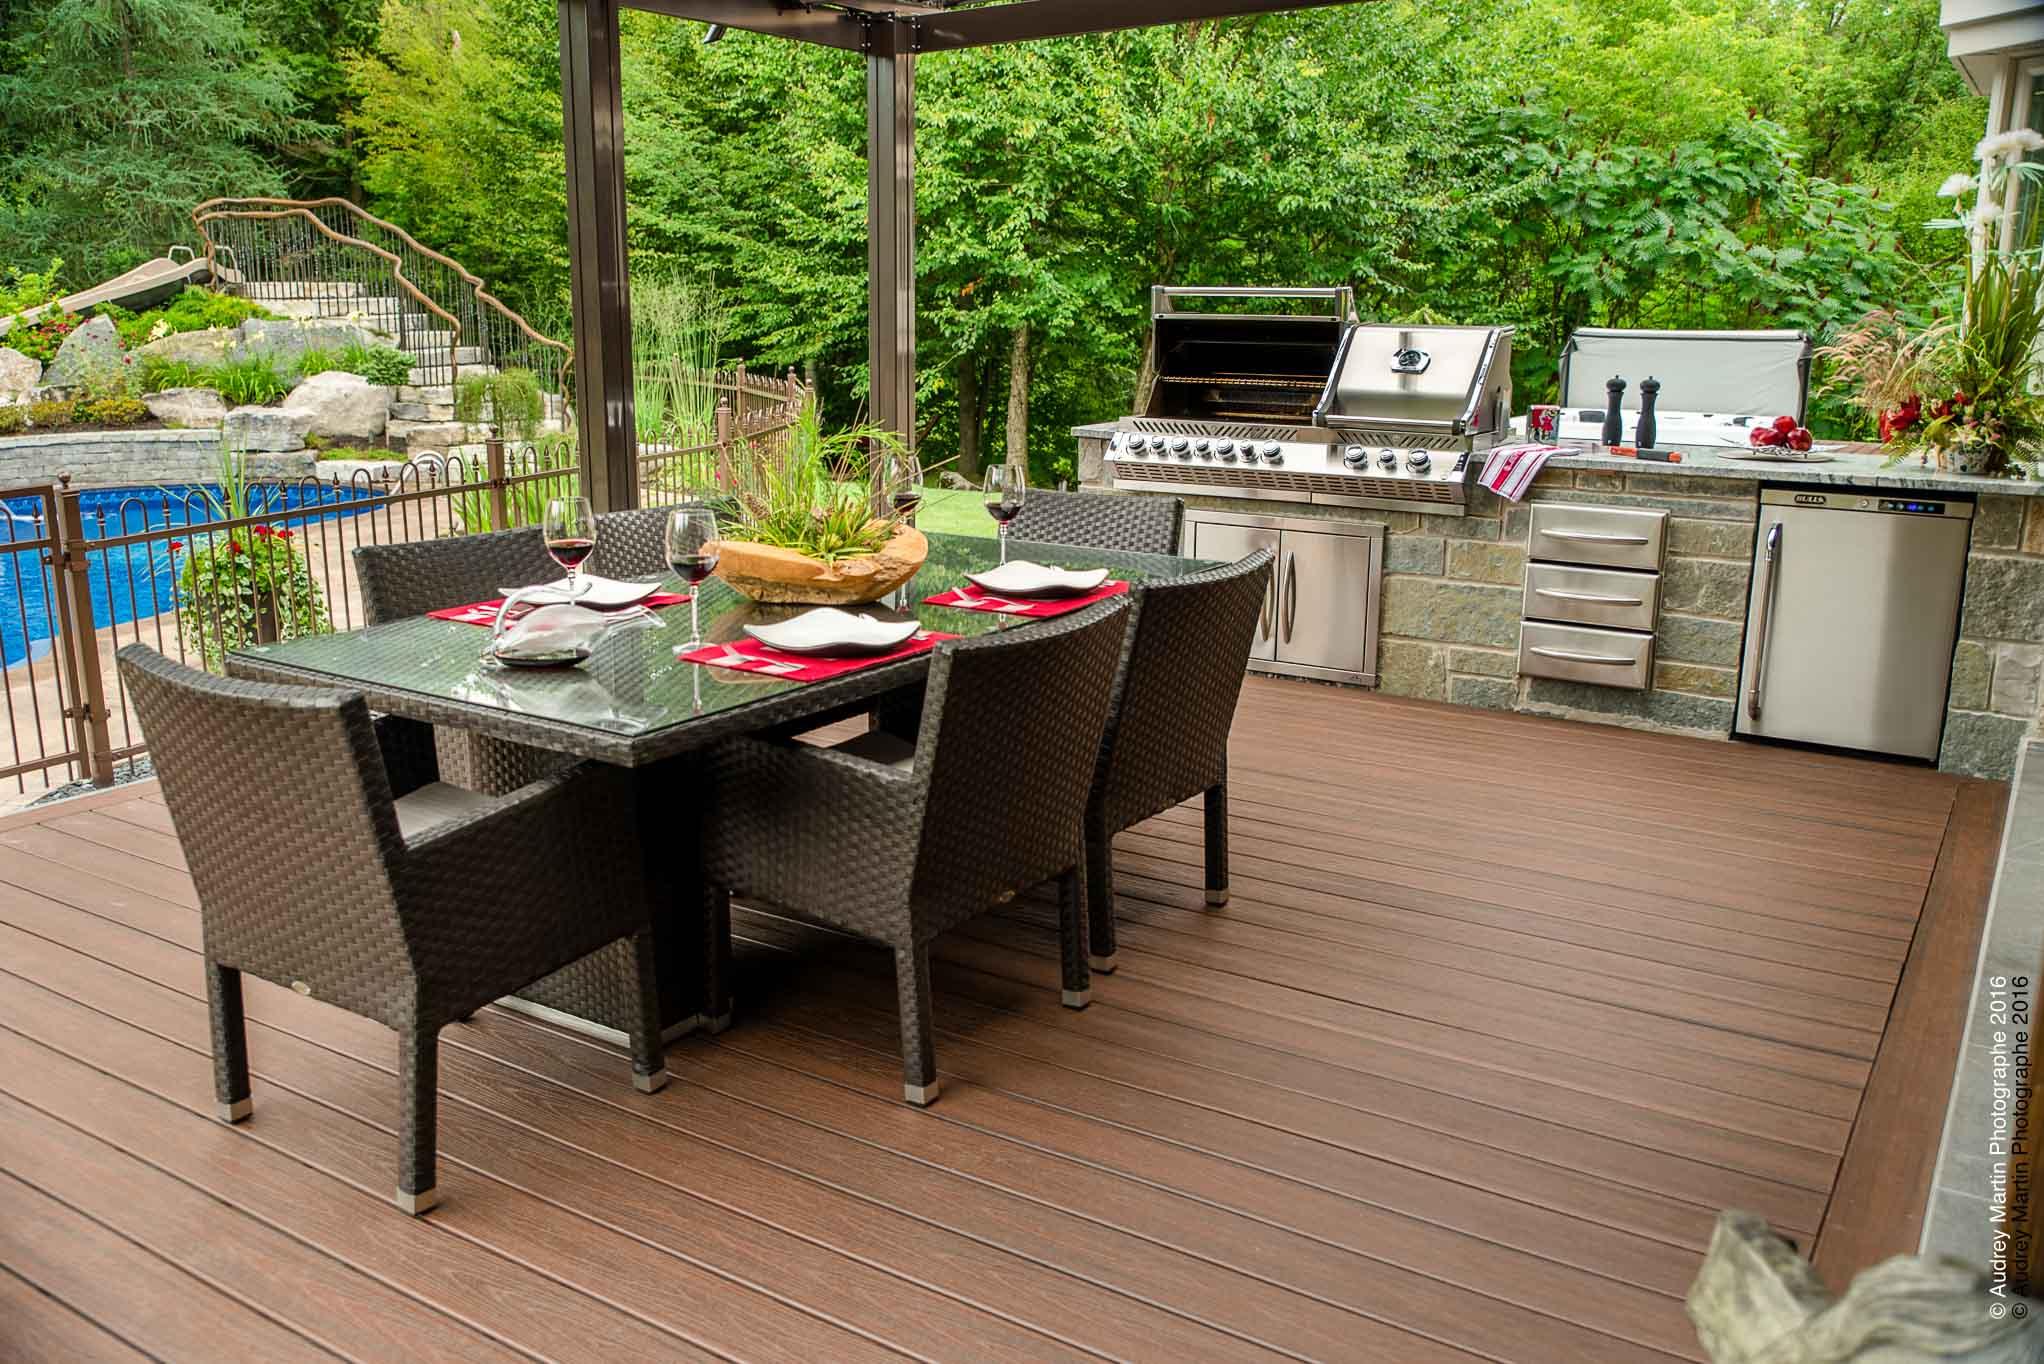 cuisine ext rieure cuisine ext rieure r alisations brisson paysagiste. Black Bedroom Furniture Sets. Home Design Ideas